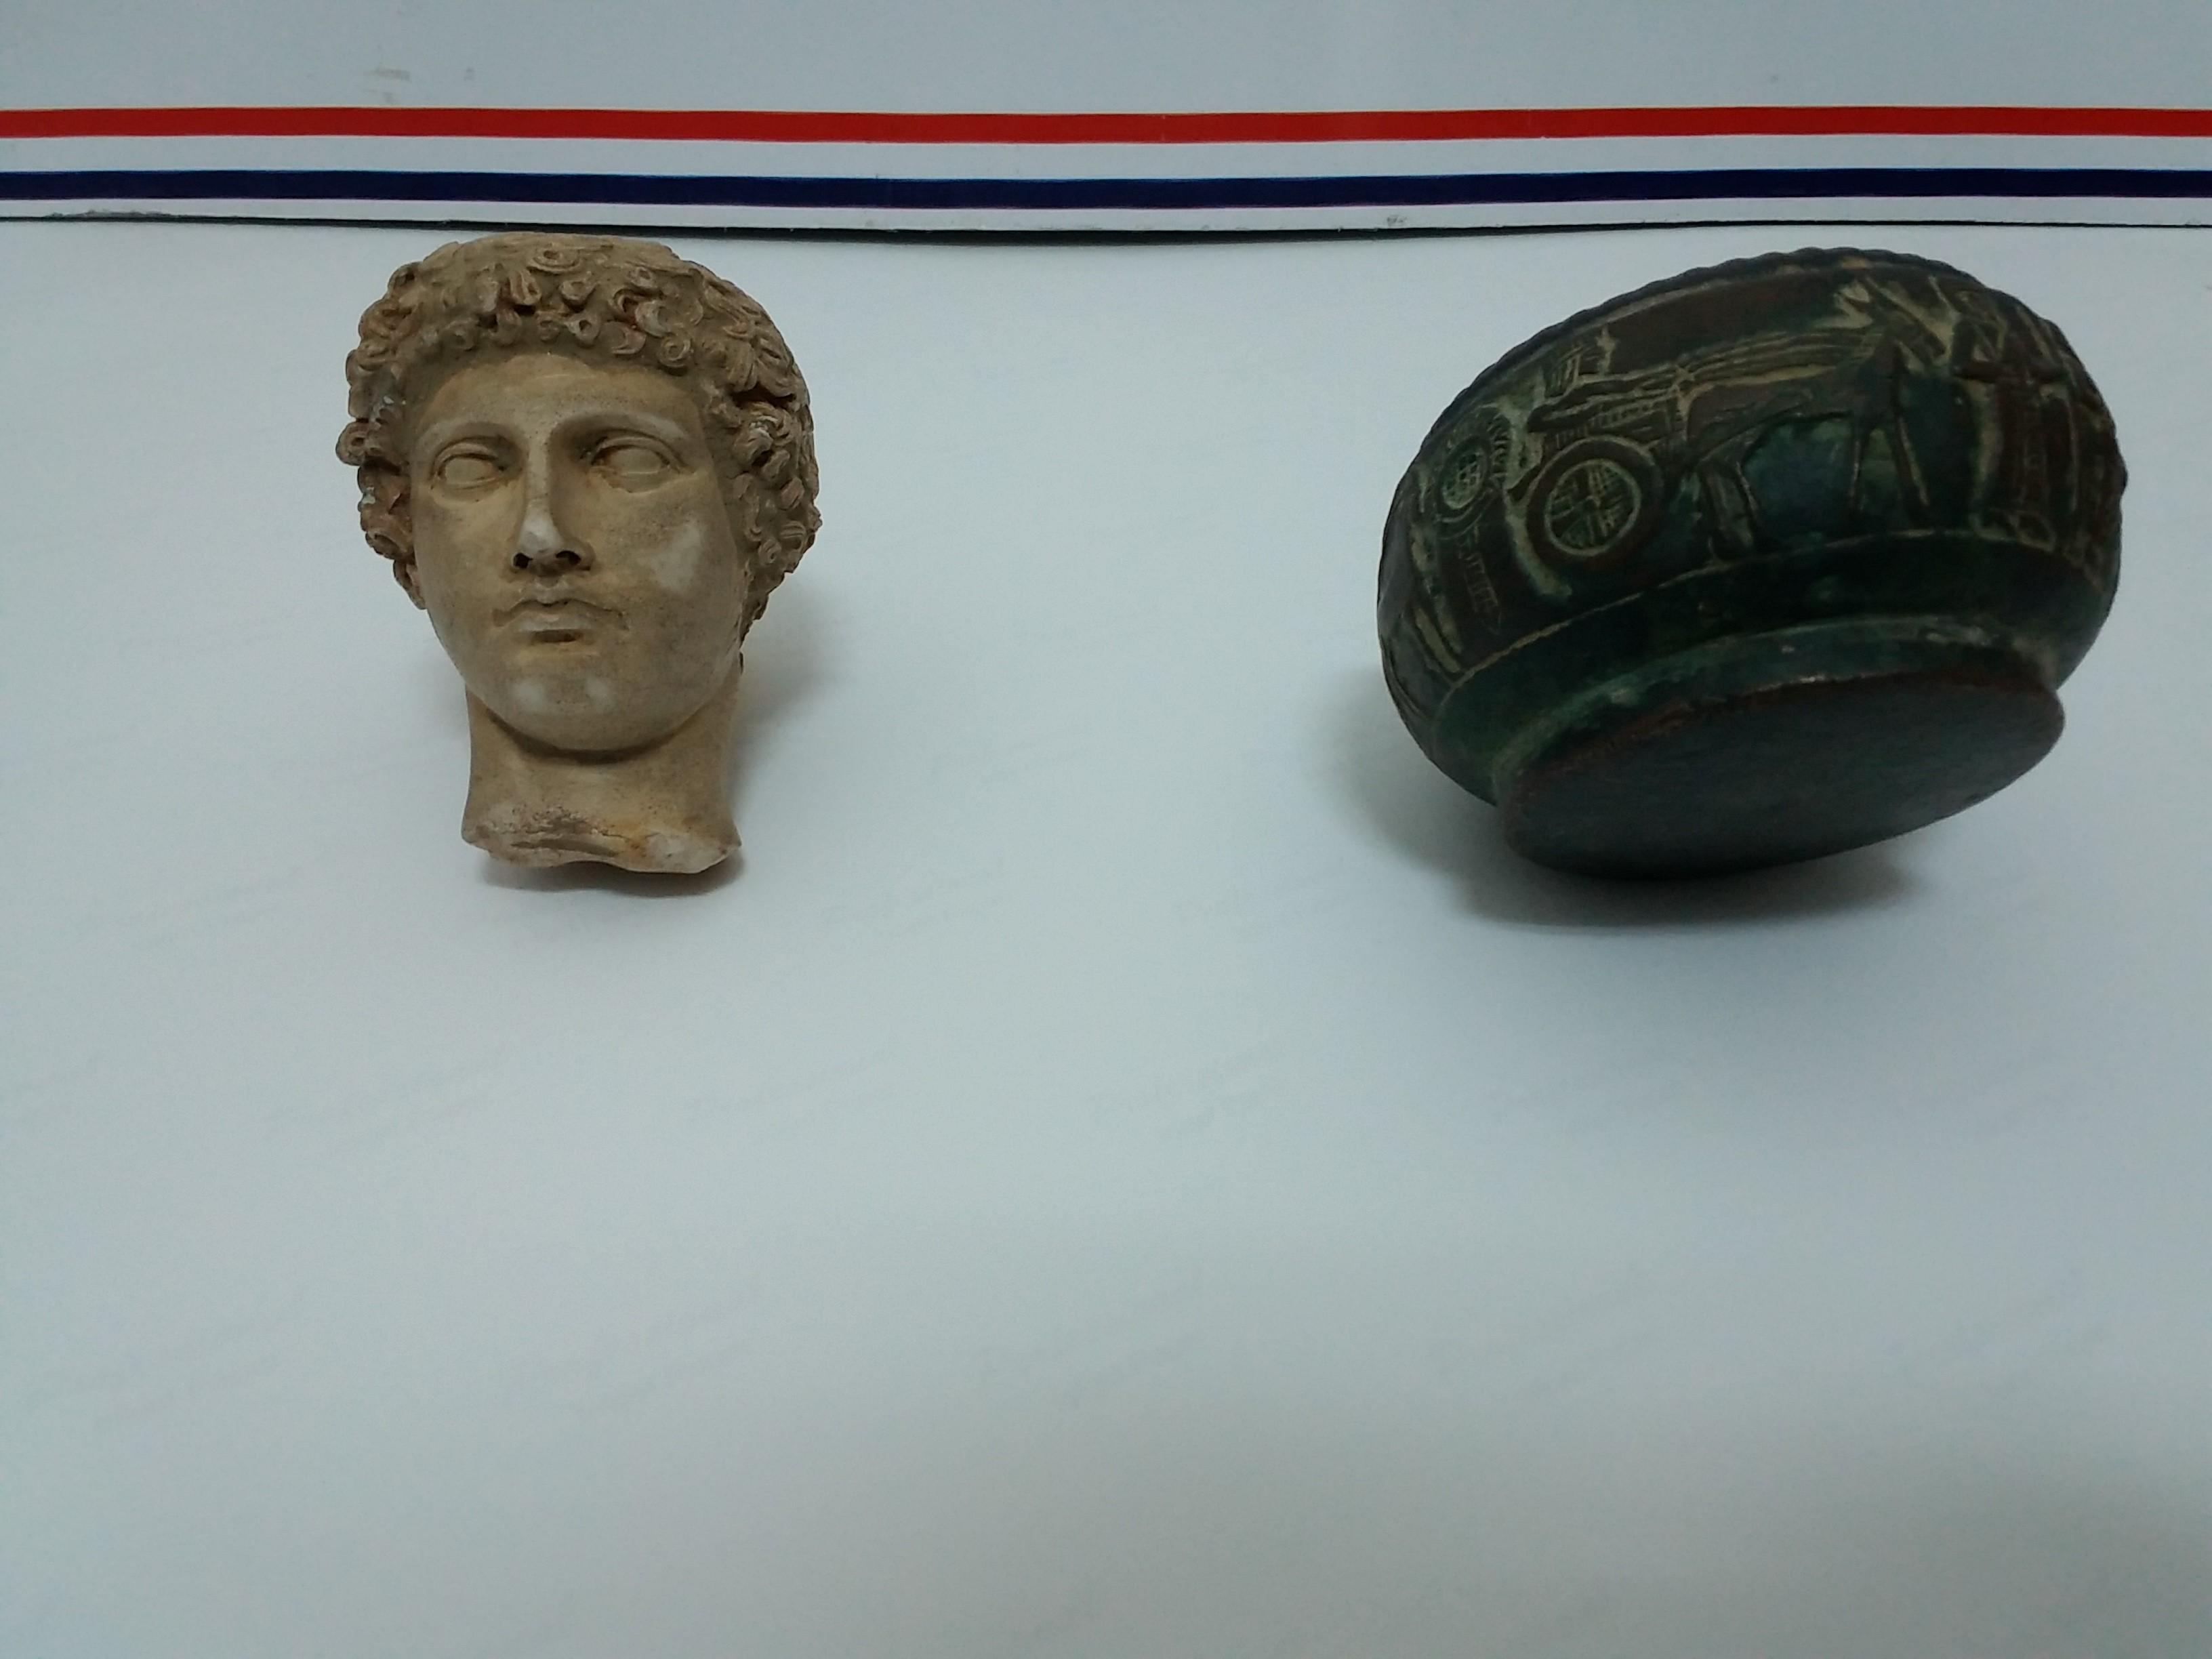 roma-ve-hitit-donemine-ait-tarihi-eserler-ele-gecirildi4.jpg